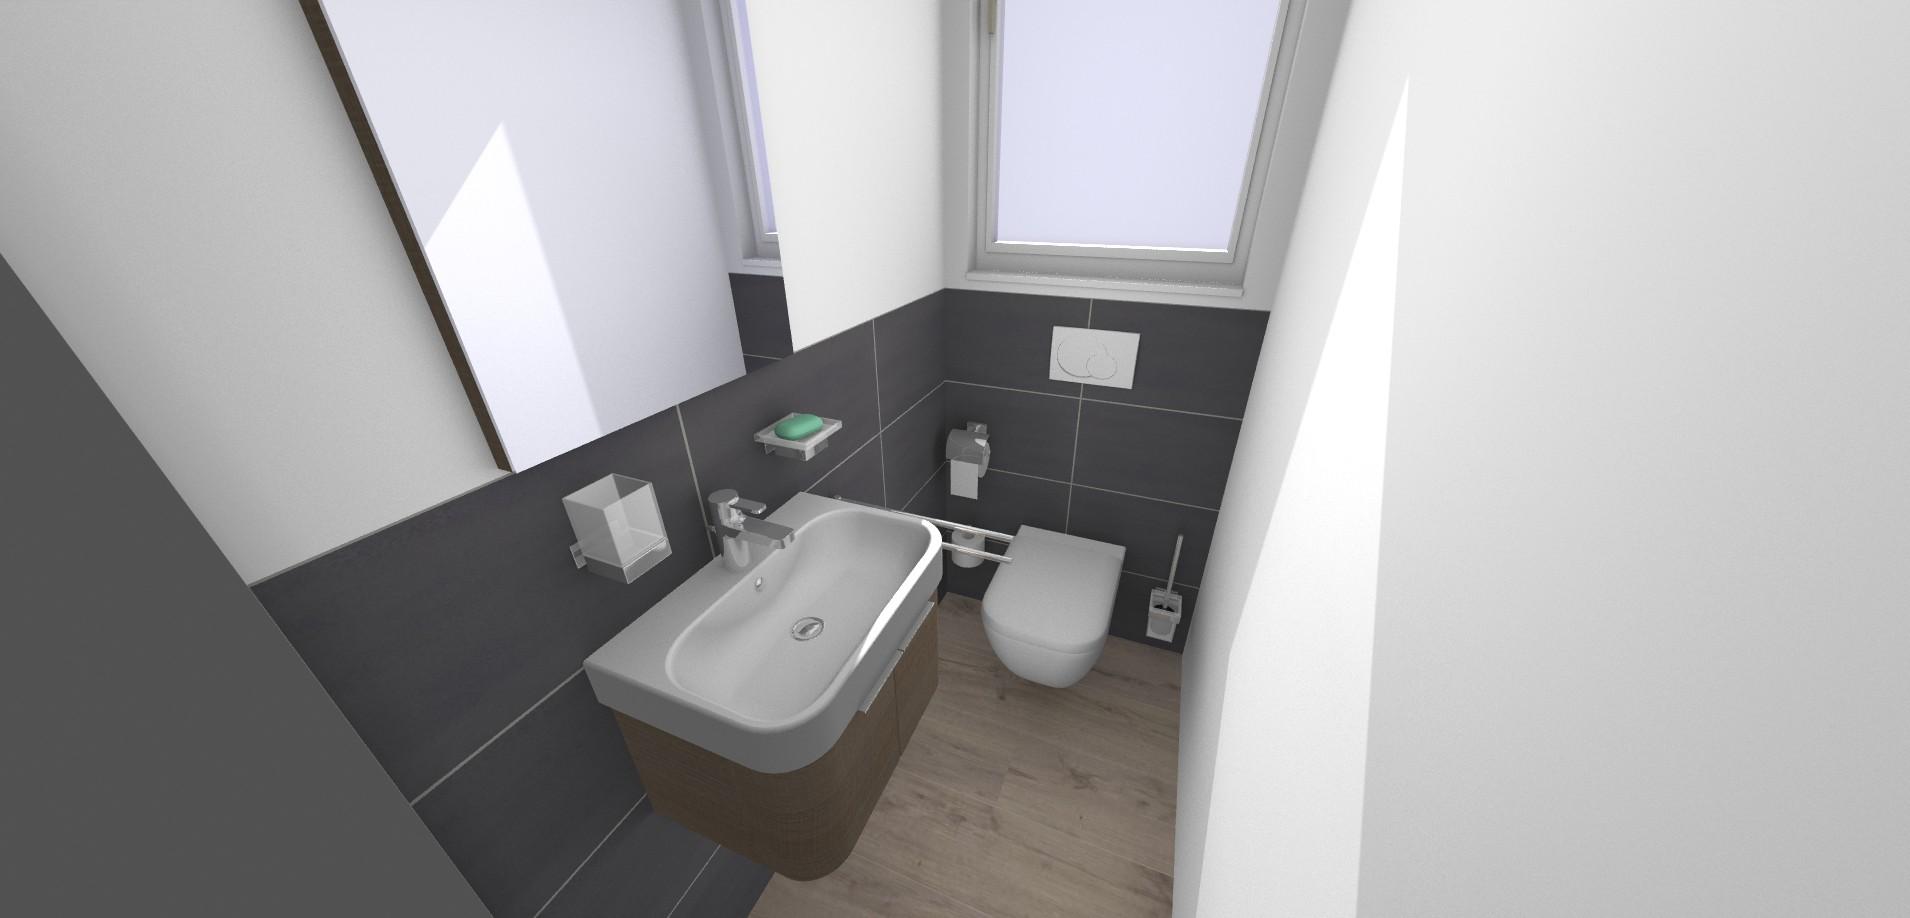 Progetta il tuo bagno bagno remix progetta il tuo bagno for Progetta il tuo seminterrato online gratuitamente